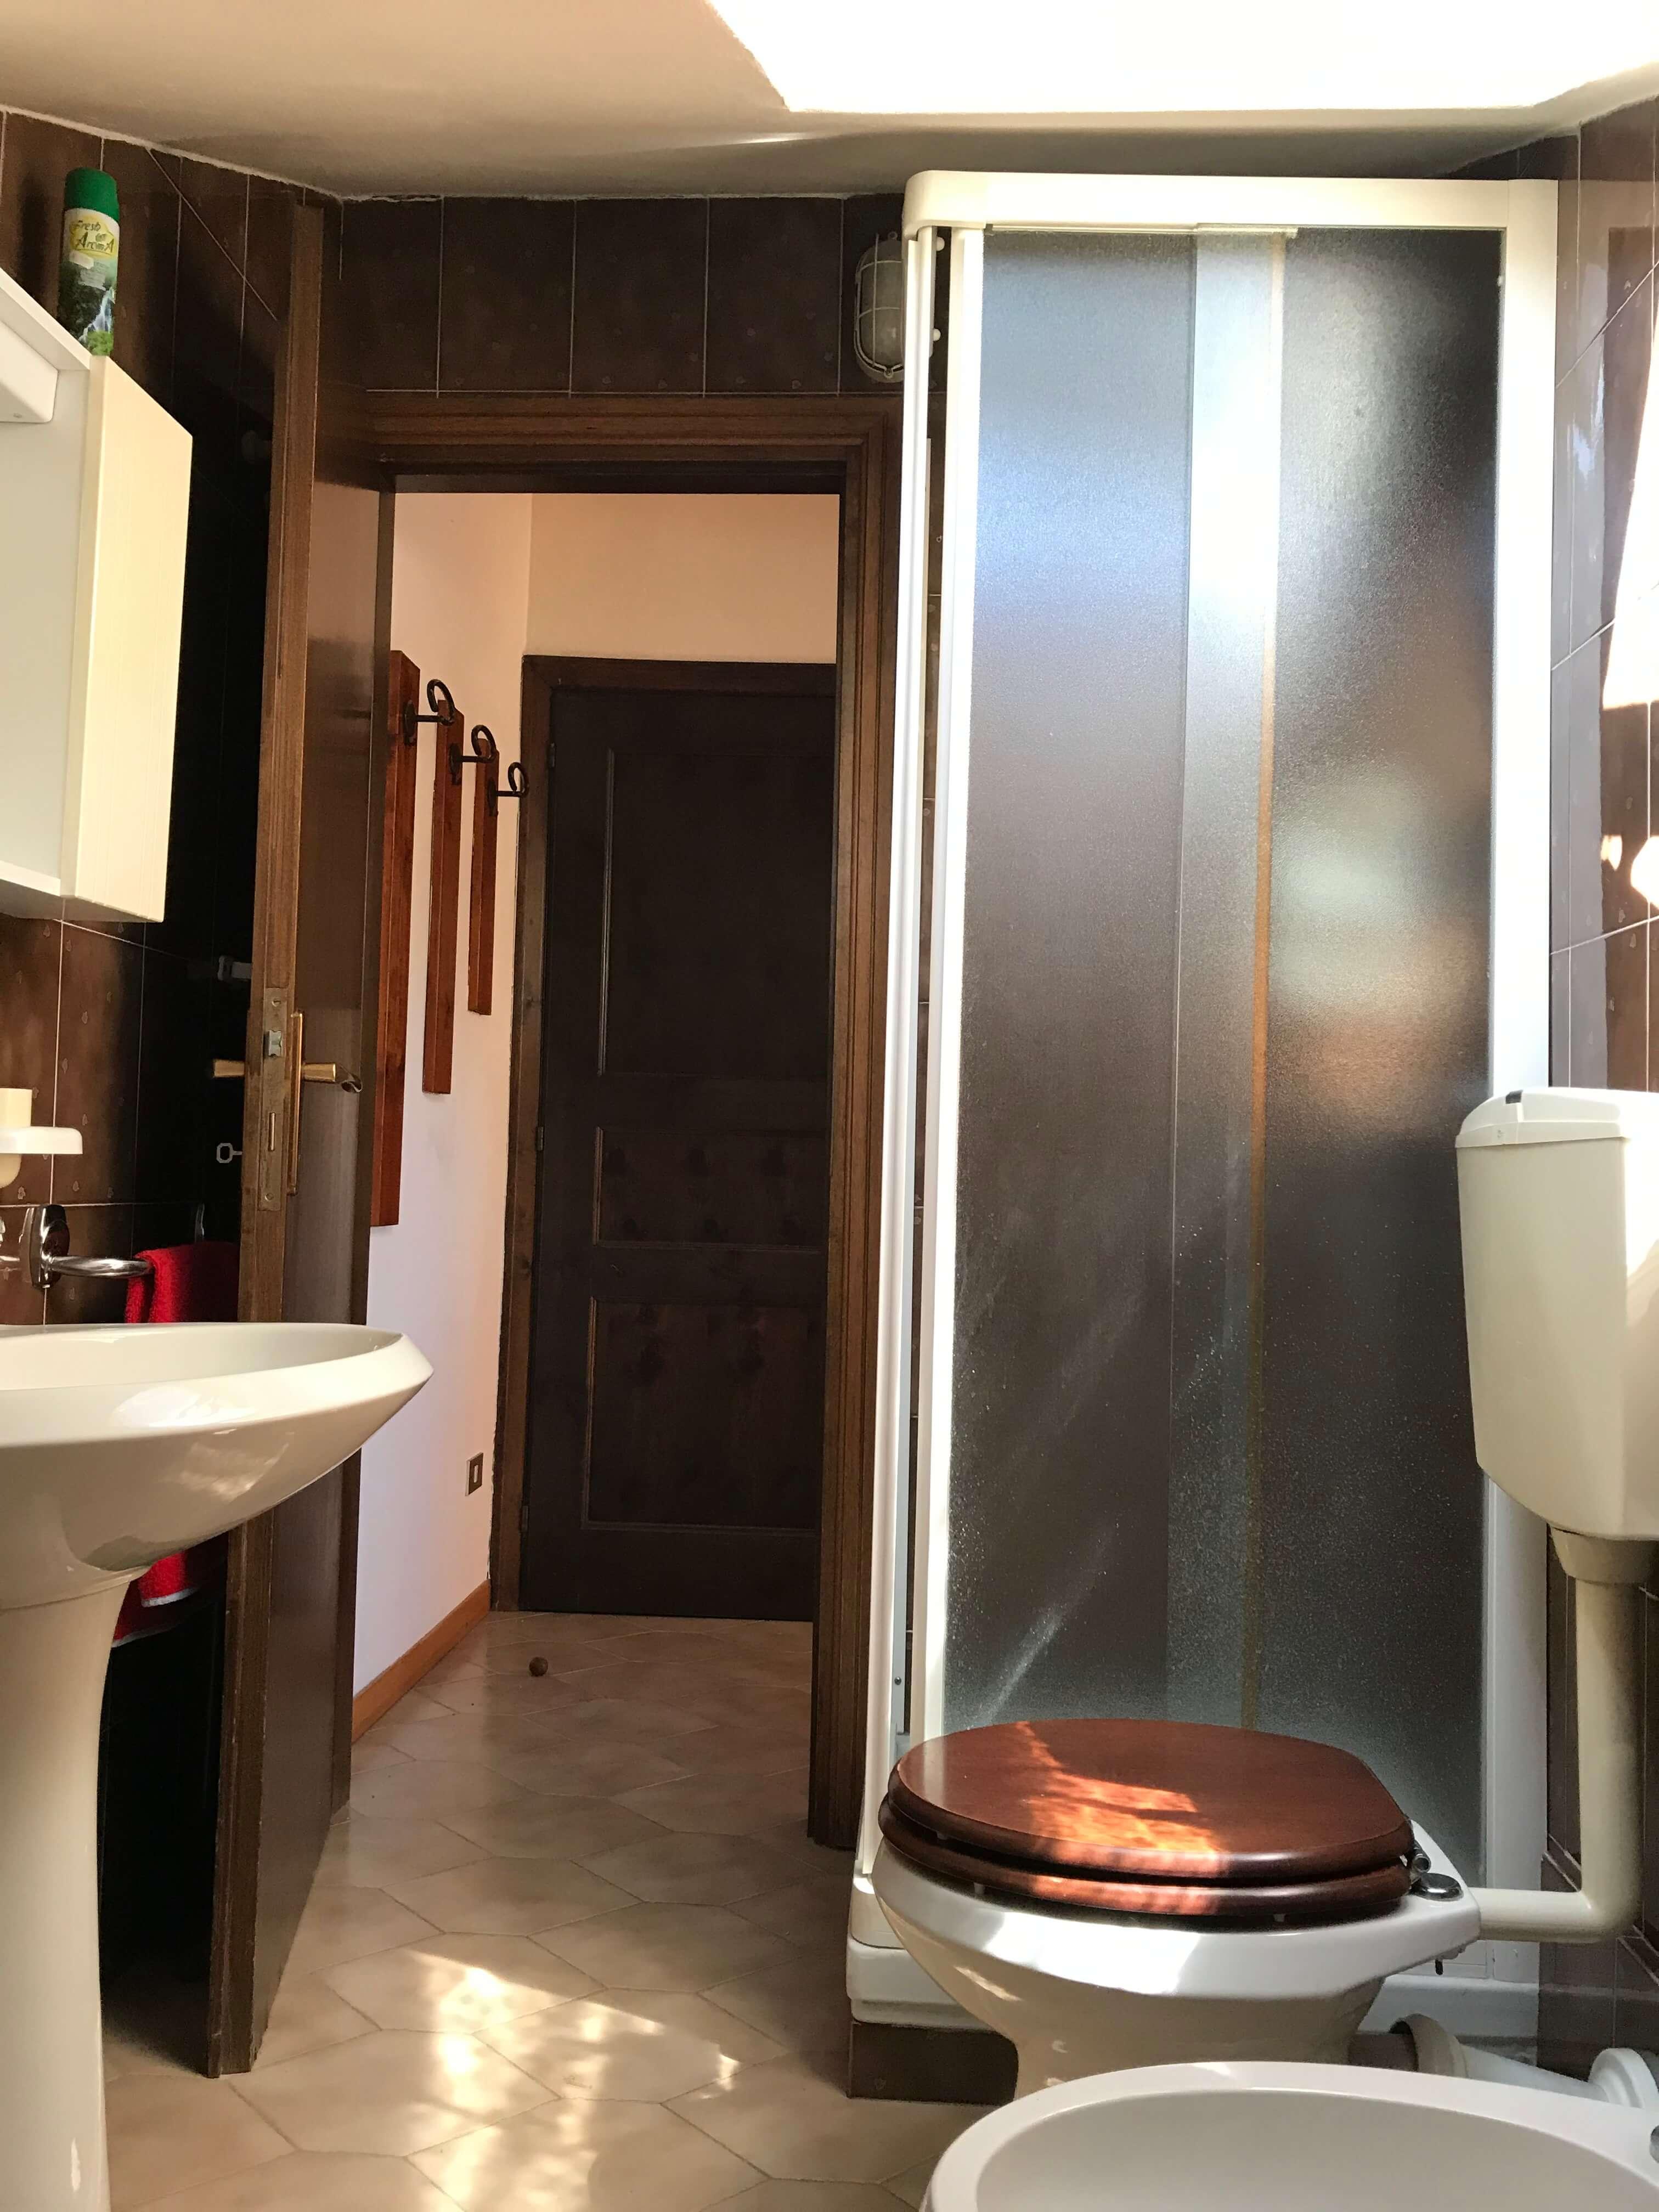 Immobiliare Abita mansarda bilocale in vendita - servizio con doccia